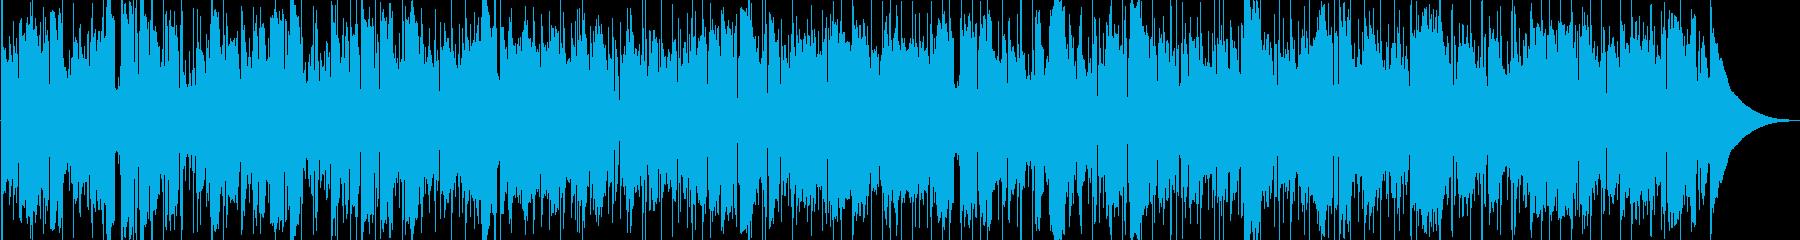 のんびり、癒しのカントリーバラードの再生済みの波形